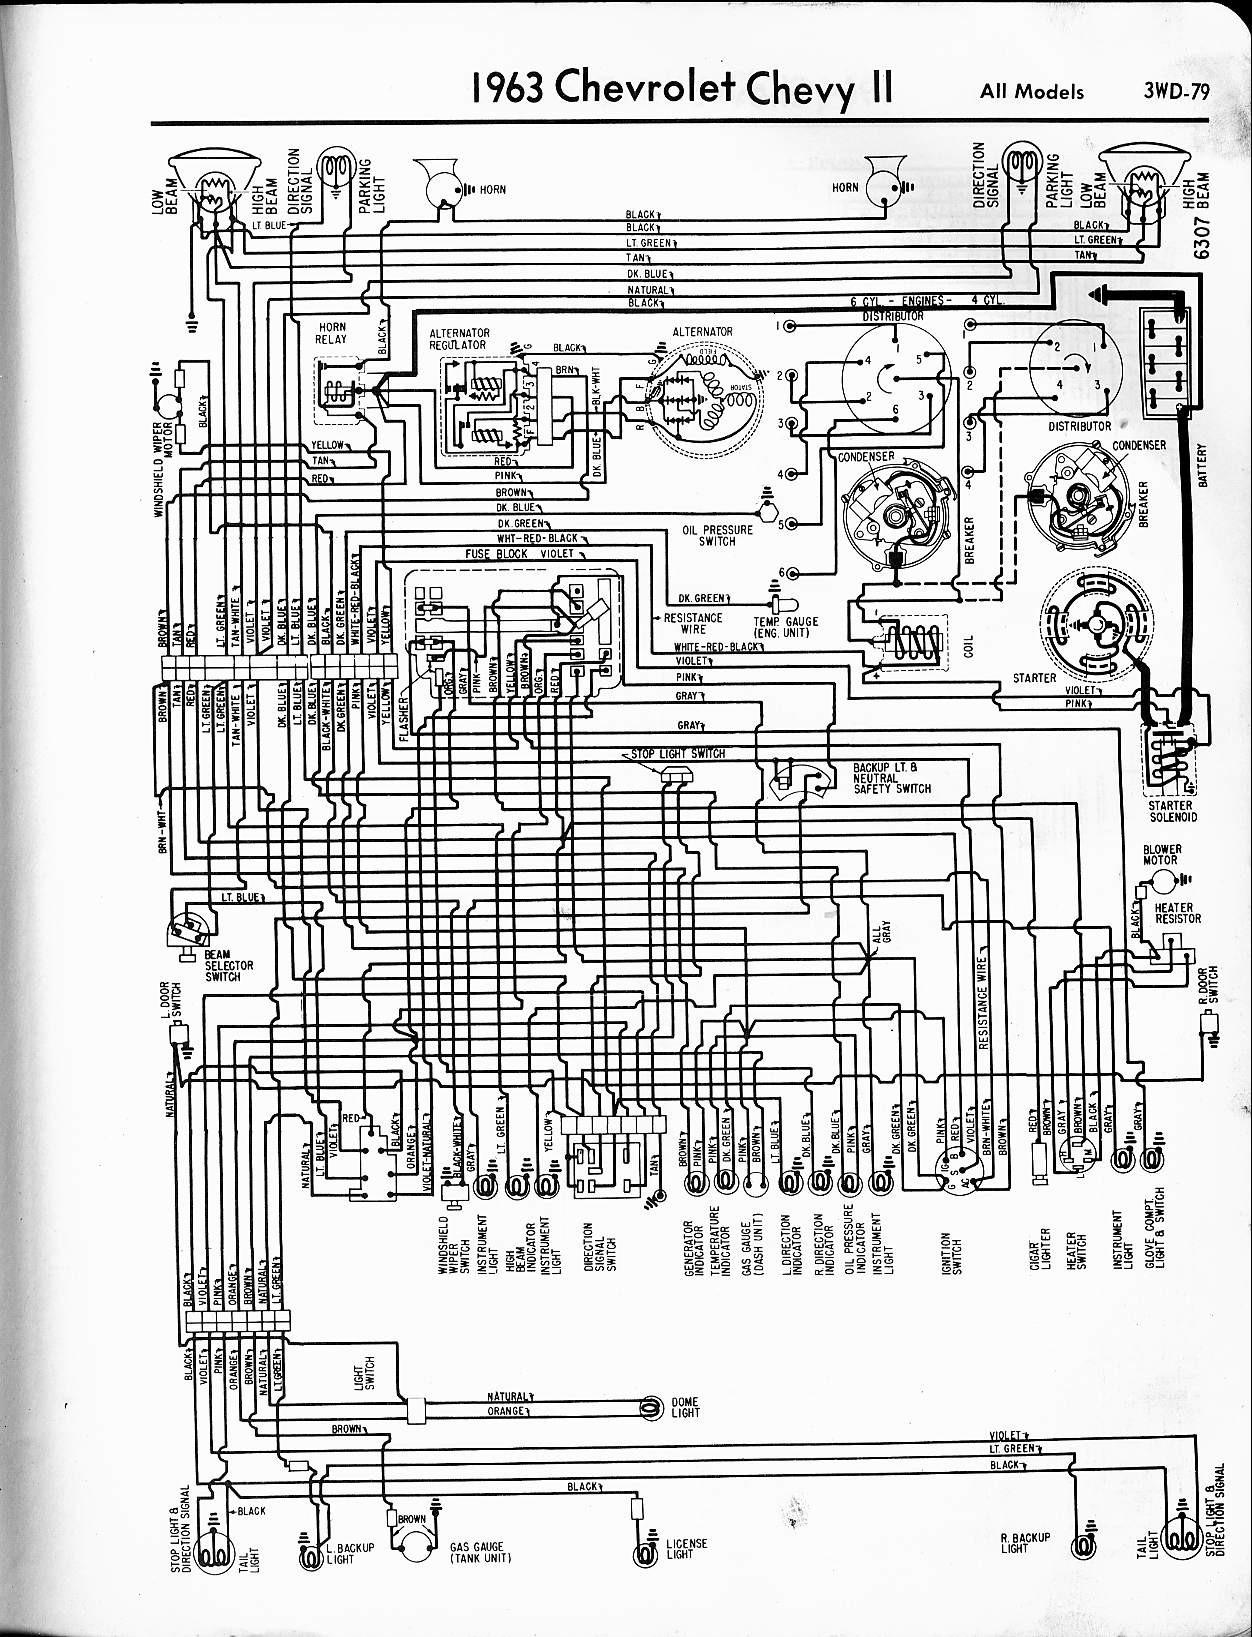 [SCHEMATICS_4PO]  RN_3728] Chevy Truck Turn Signal Wiring Diagram 64 Chevy C10 Wiring Diagram  Wiring Diagram | 1966 Corvair Turn Signal Wiring Diagram |  | Monoc Exmet Mohammedshrine Librar Wiring 101